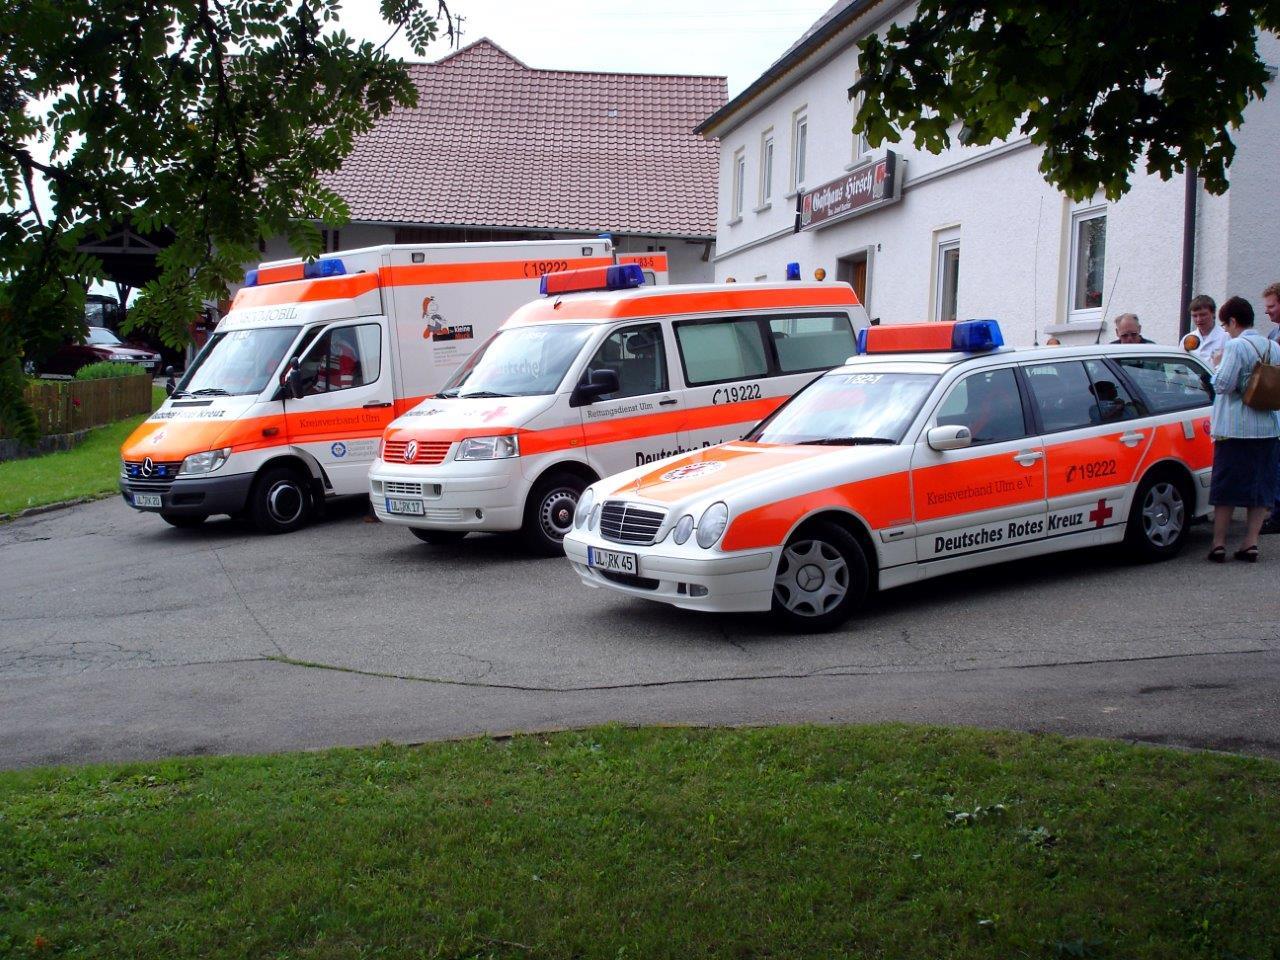 Fahrzeuge des Rettungsdienstes